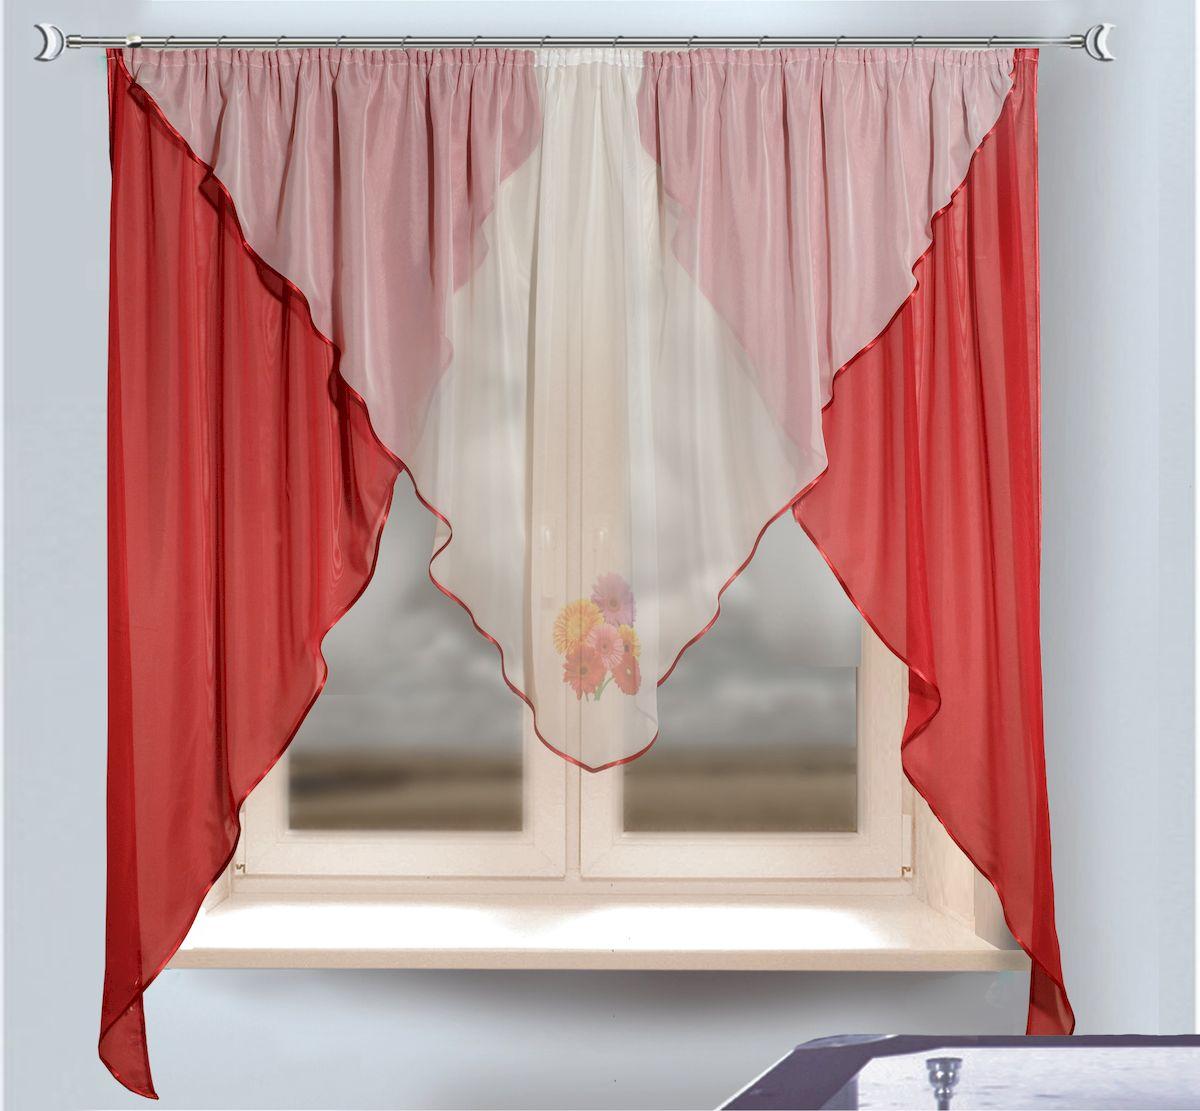 Комплект штор для кухни Zlata Korunka, на ленте, цвет: бордовый, белый, высота 170 см. 33333939111286115Комплект штор для кухни Zlata Korunka, выполненный из полиэстера, великолепно украсит любое окно. Комплект состоит из тюля, ламбрекена и двух штор. Оригинальный крой и приятная цветовая гамма привлекут к себе внимание и органично впишутся в интерьер помещения. Этот комплект будет долгое время радовать вас и вашу семью!Комплект крепится на карниз при помощи ленты, которая поможет красиво и равномерно задрапировать верх.В комплект входит: Ламбрекен: 1 шт. Размер (Ш х В): 280 х 115 см. Тюль: 1 шт. Размер (Ш х В): 280 х 170 см.Штора: 2 шт. Размер (Ш х В): 130 х 170 см.